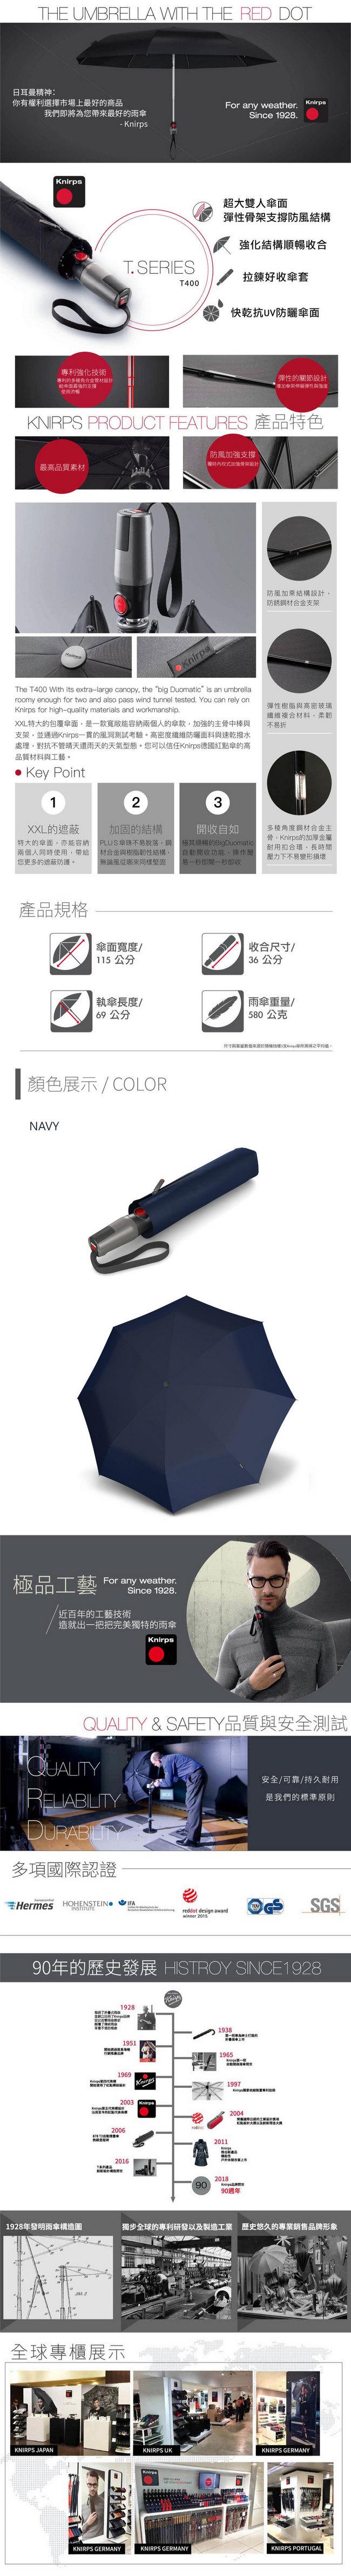 (複製)Knirps德國紅點傘|T.400 特大自動開收傘-Black